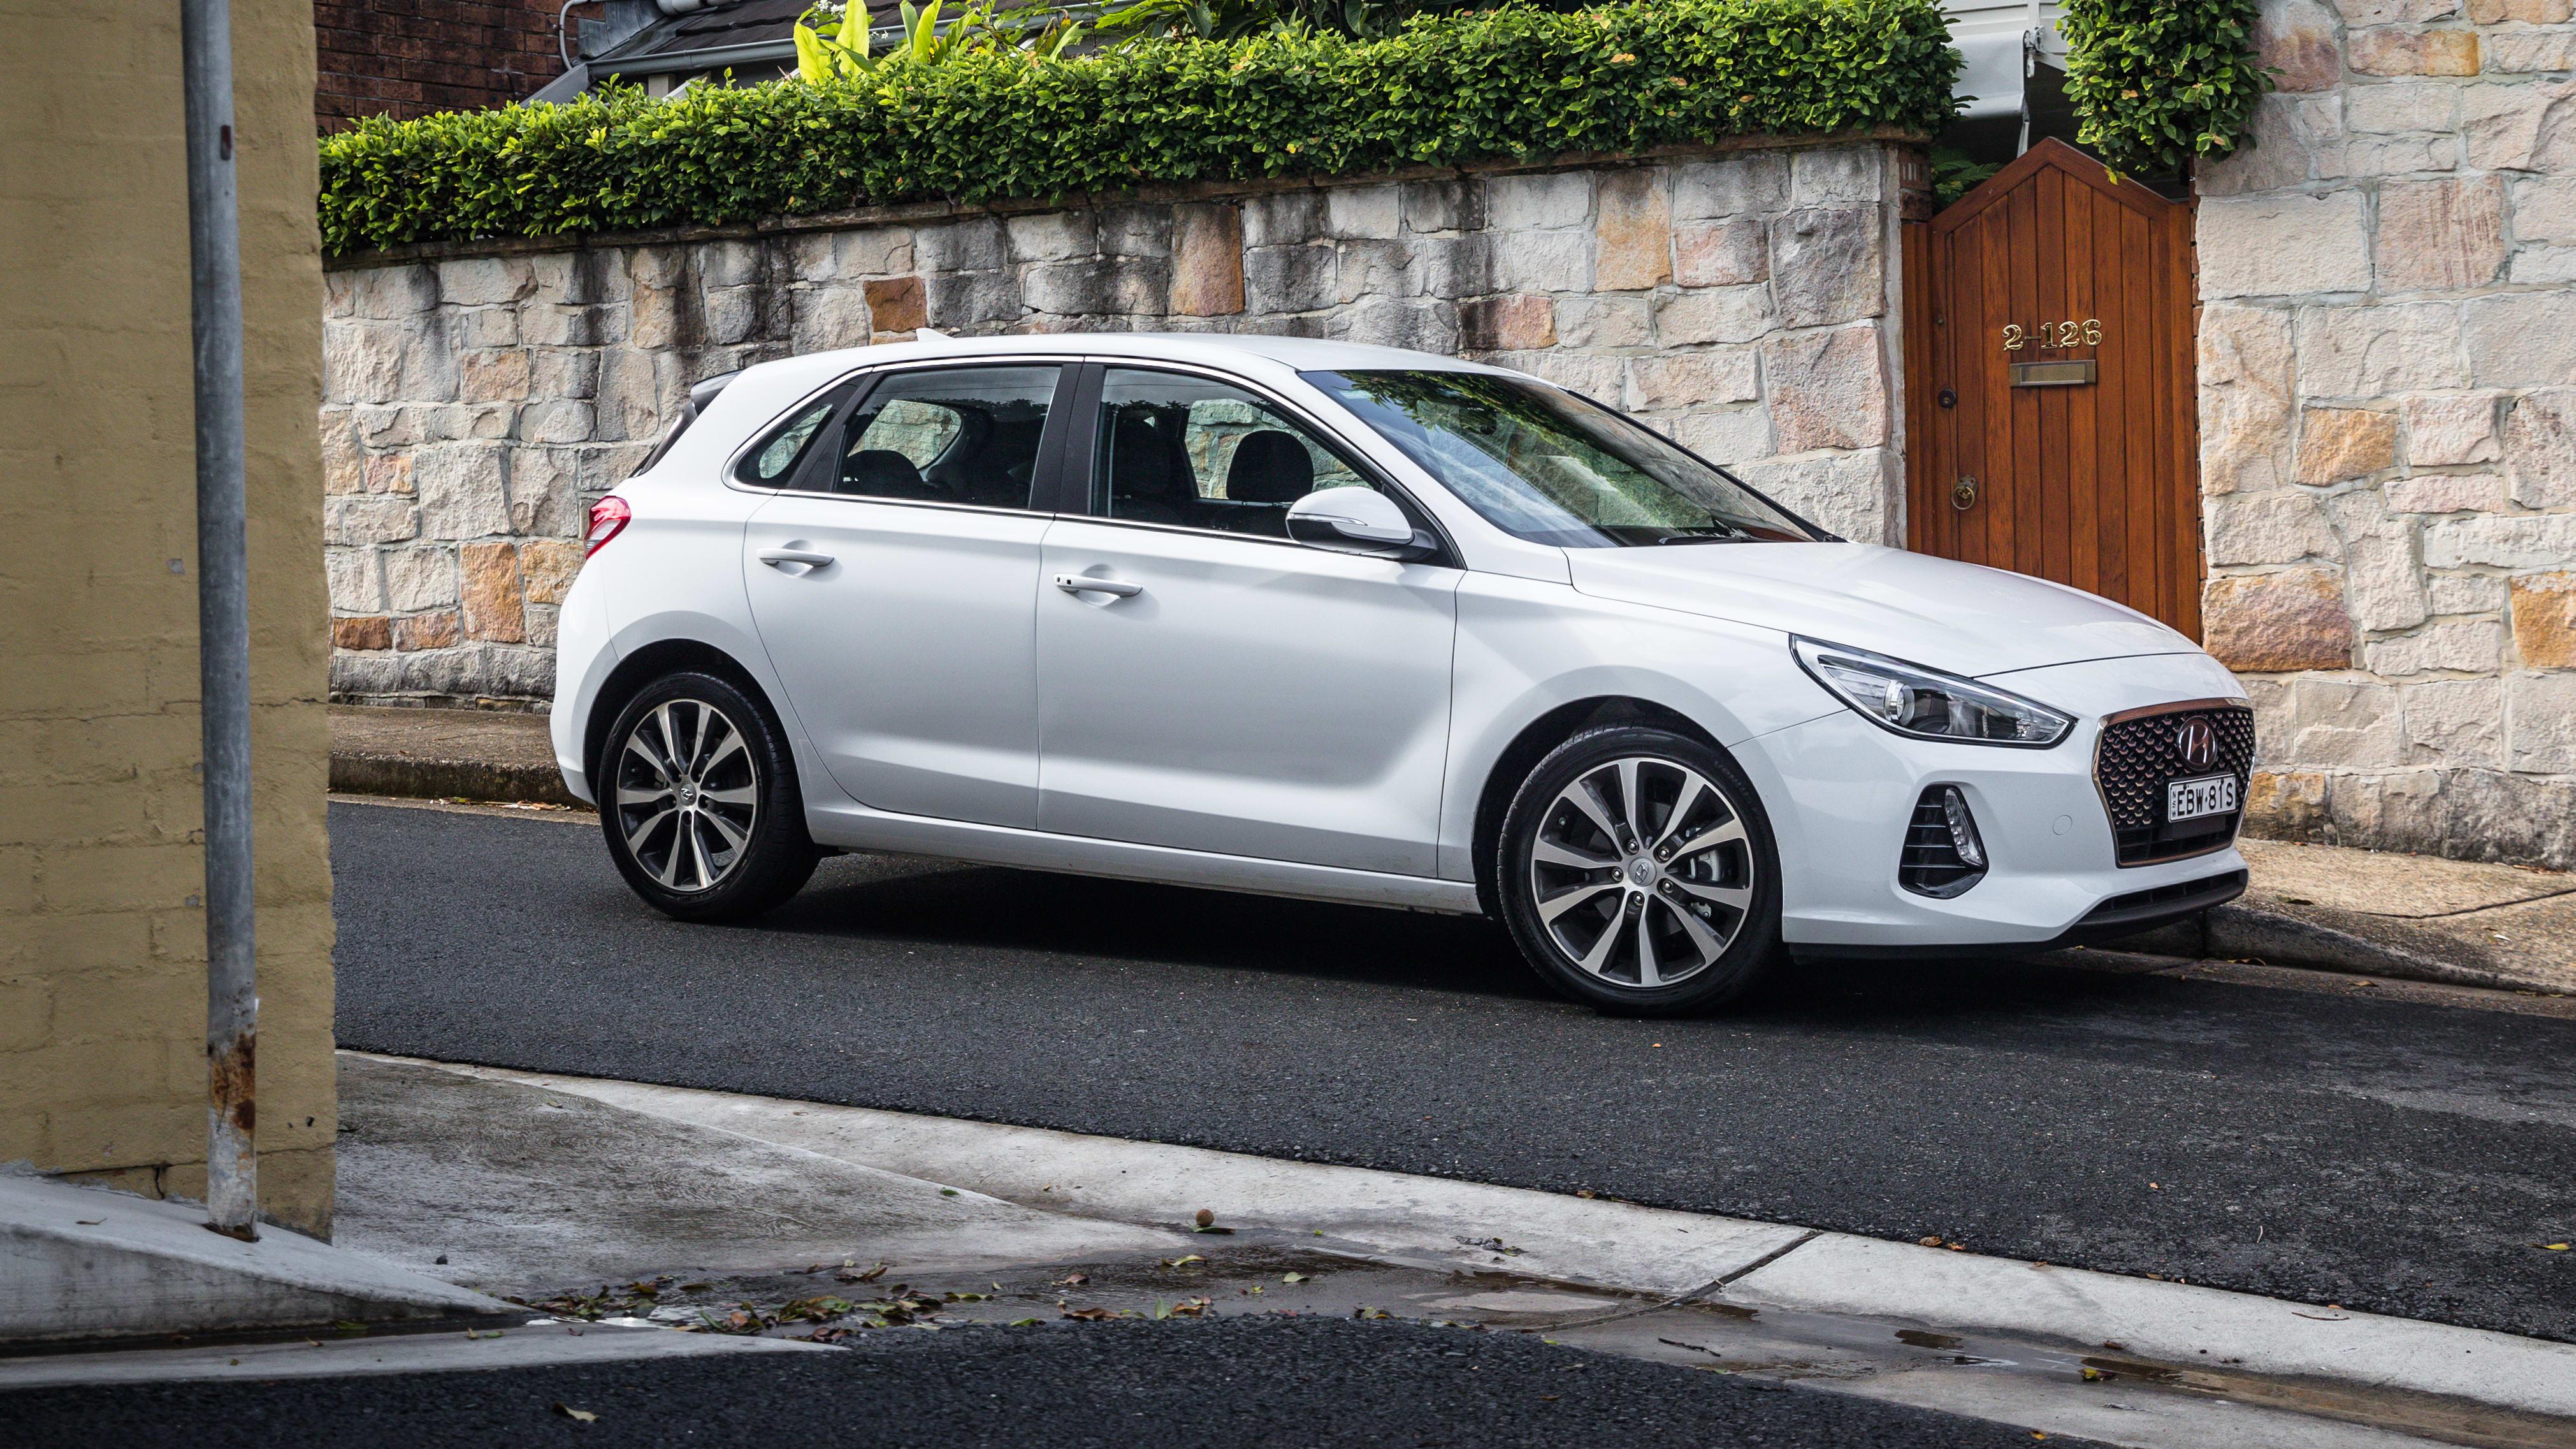 2020 Hyundai i30 Elite review